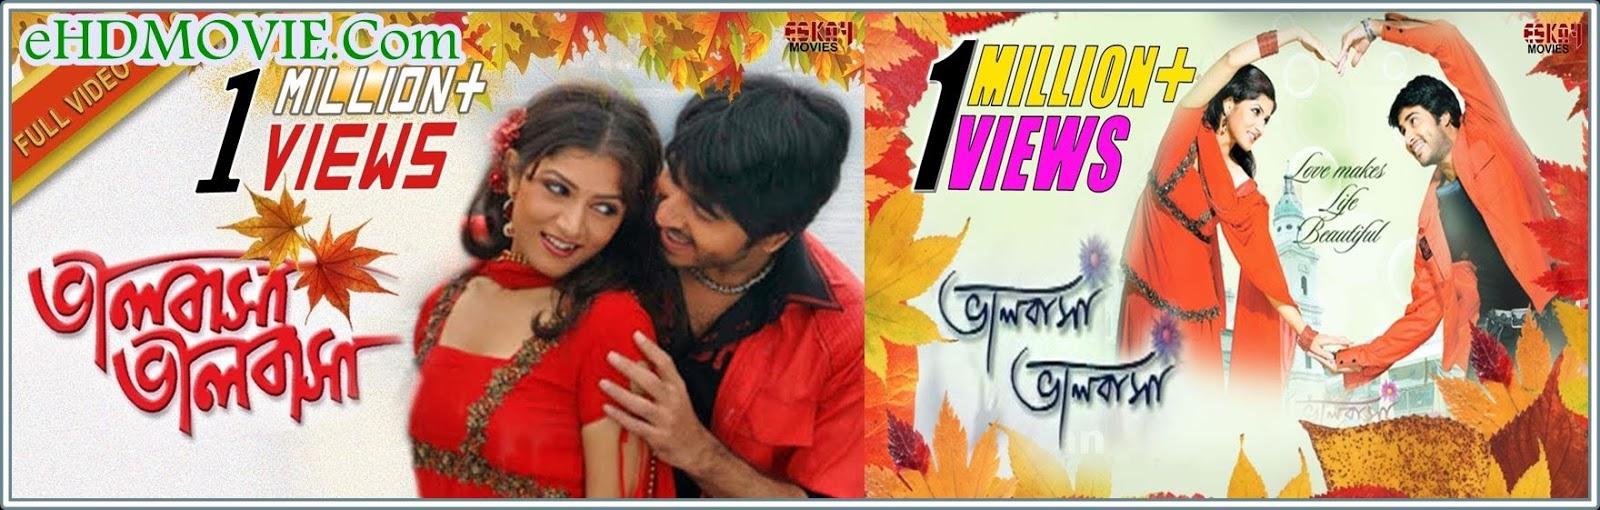 Bhalobasa Bhalobasa 2008 Bengali Full Movie Original 480p - 720p HDTV-Rip 550MB - 1.2GB